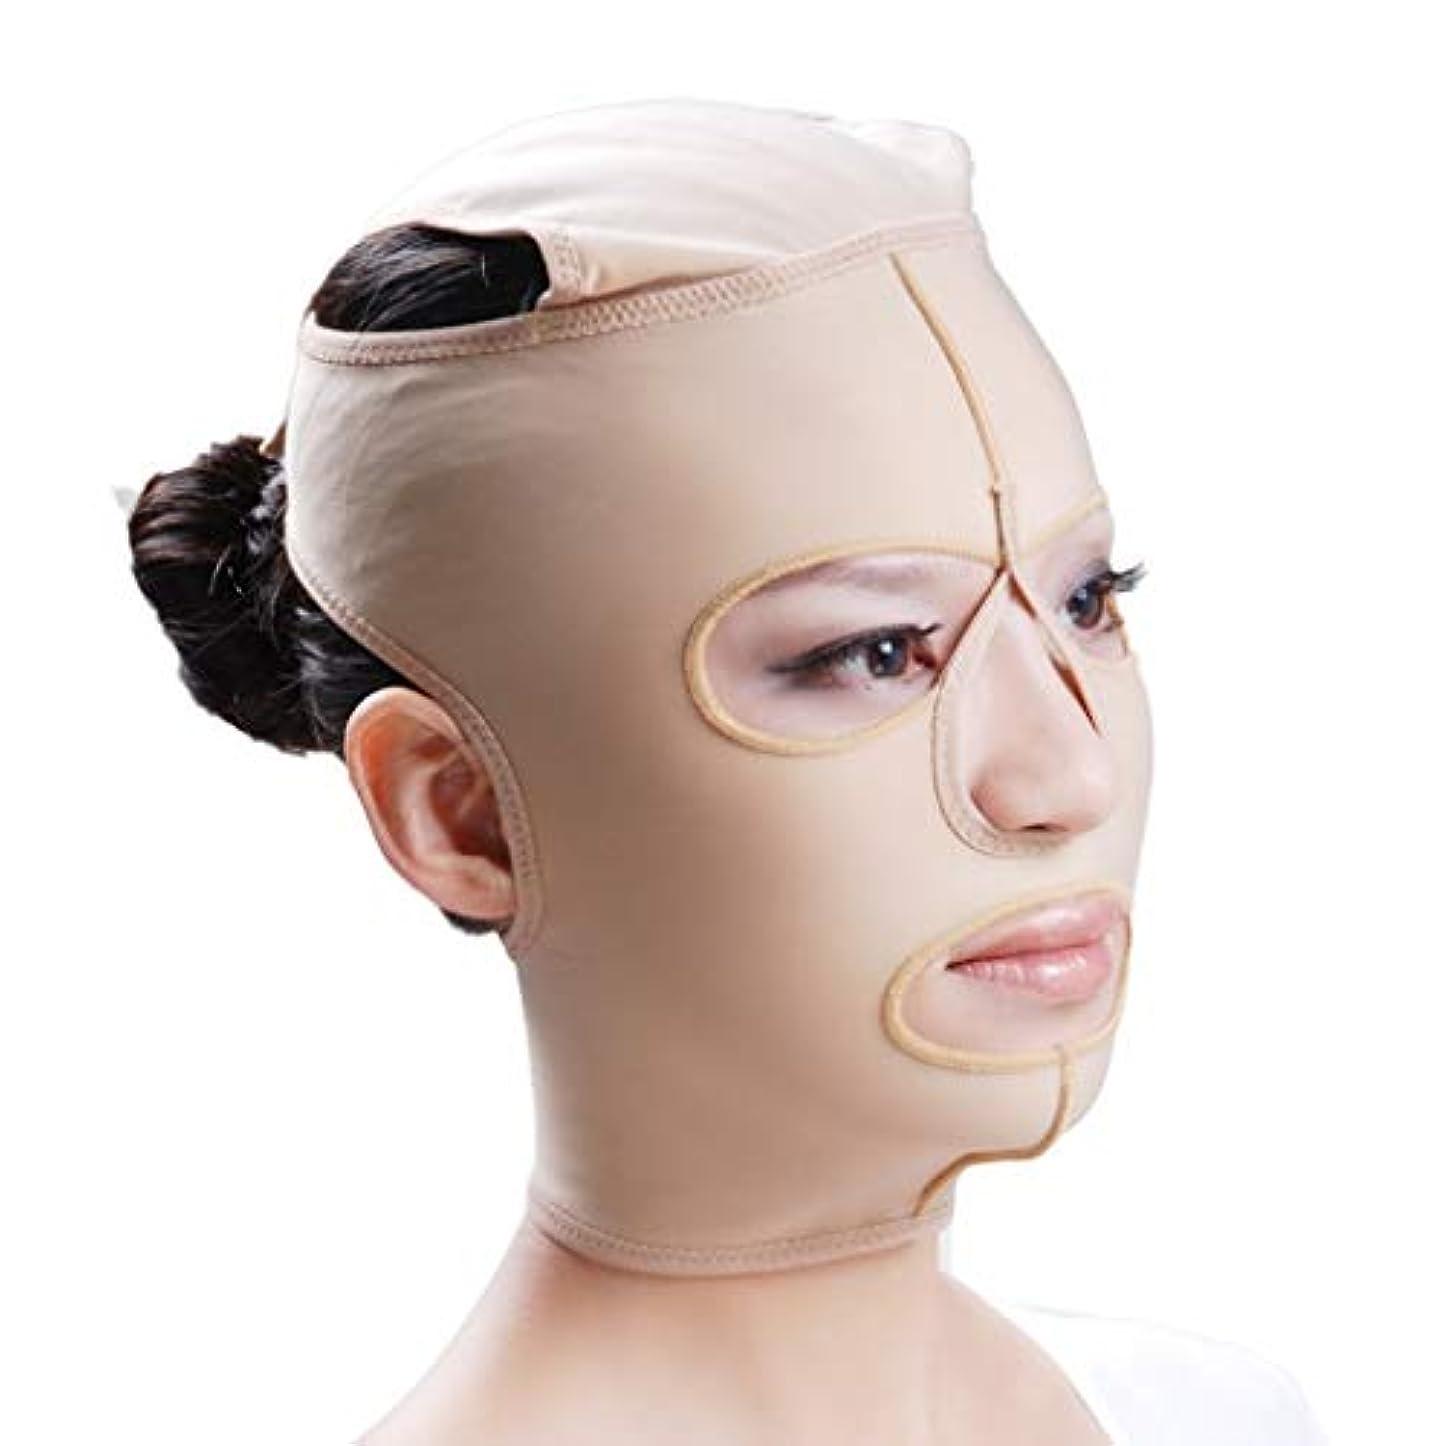 大いにケージ浴室フェイスリフトマスク、フルフェイスマスク後の顔の脂肪吸引医療グレードの圧力顔ダブルチンプラスチック脂肪吸引弾性包帯ヘッドギアマルチコードオプション (Size : S)